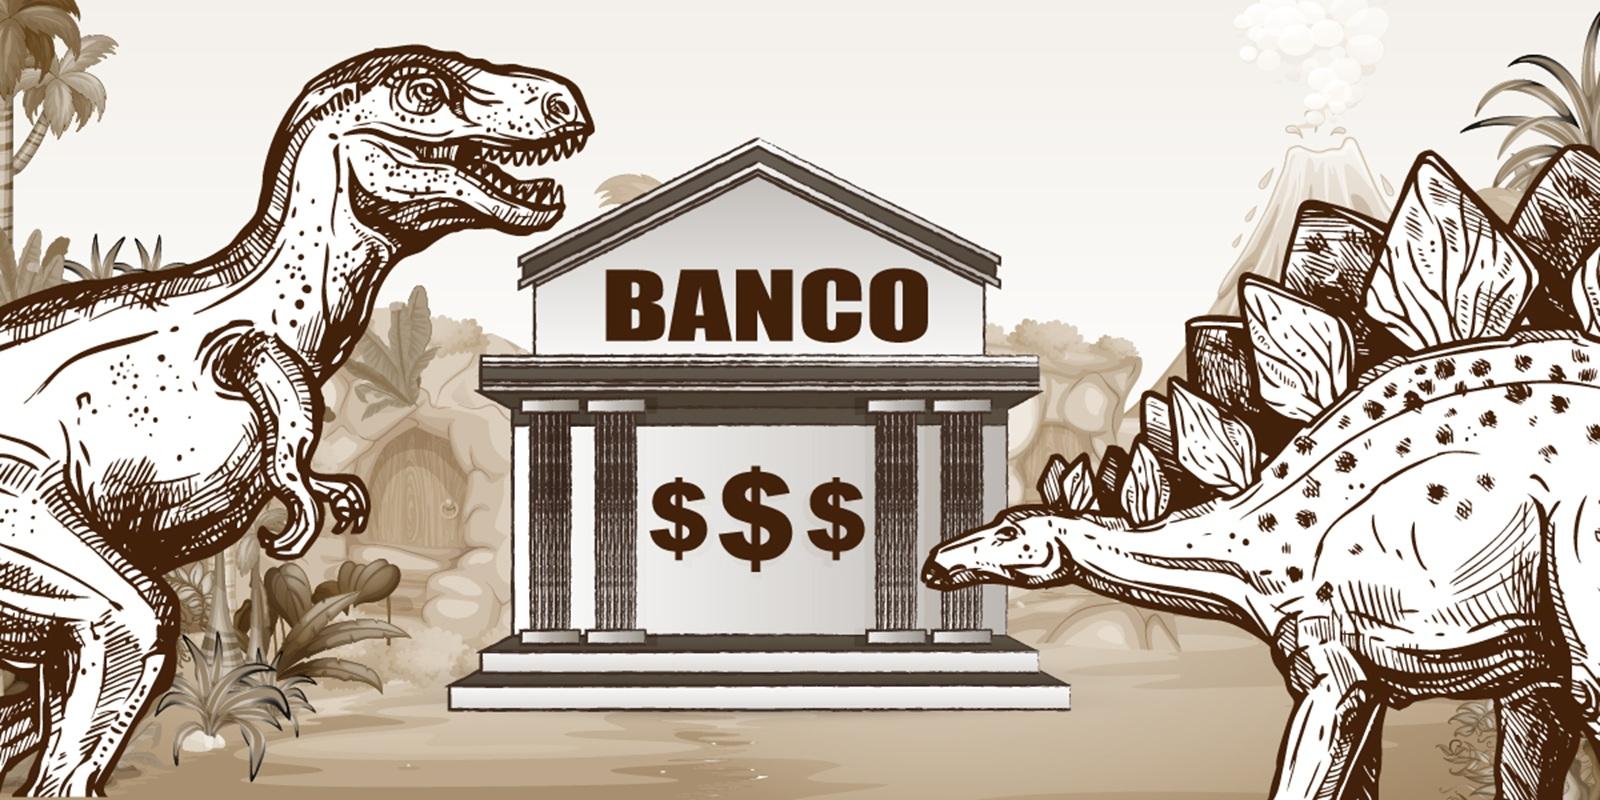 Bancos y dinero en extincion